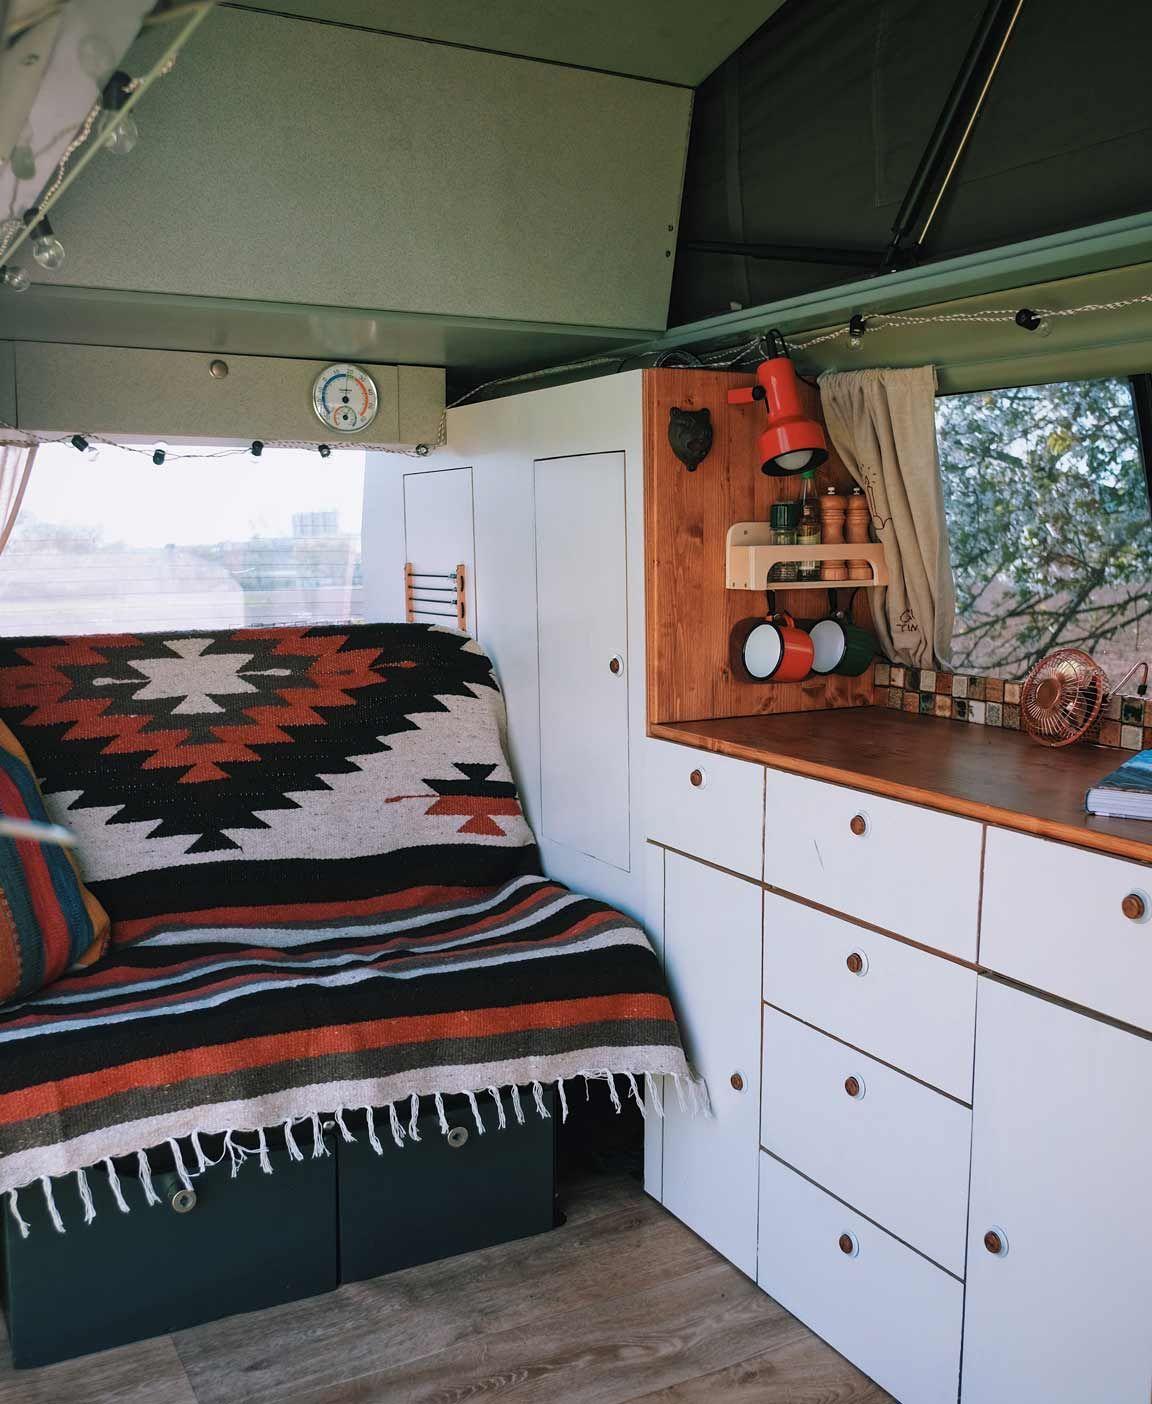 VW T4 Camper Ausbau – Der Erfahrungsbericht von PinePins #volkswagen